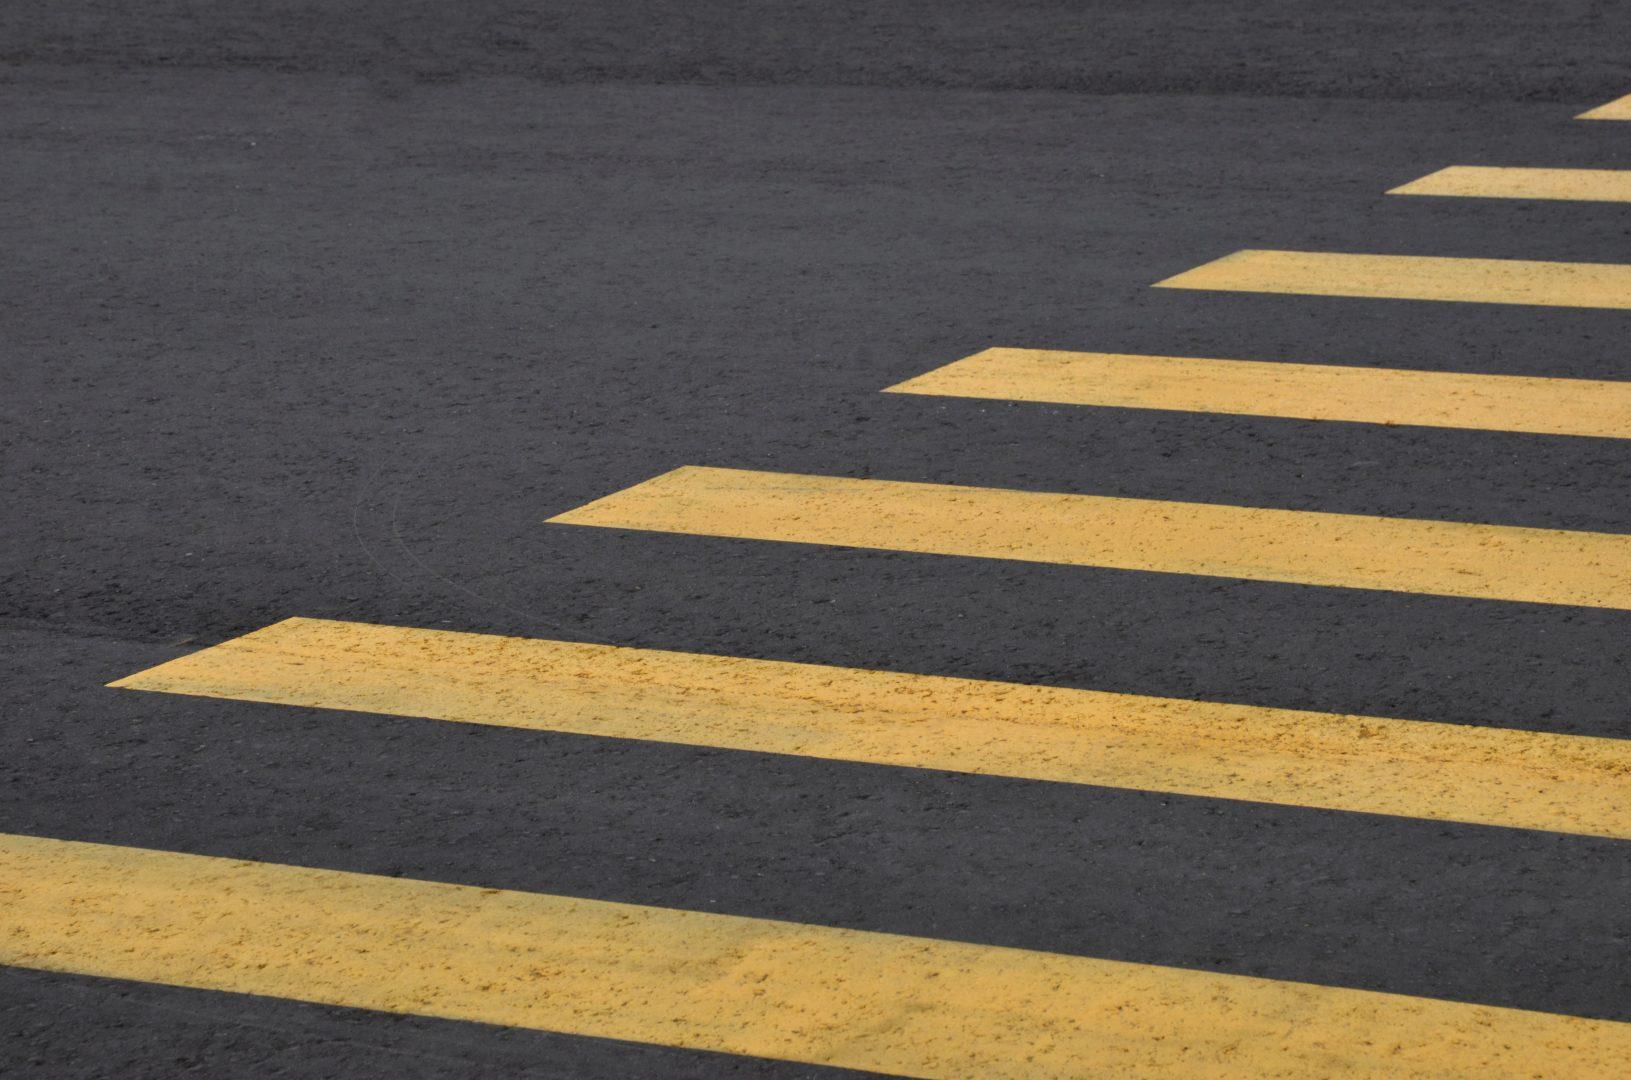 К нанесению маркировки привлекут пять дорожников. Фото: Анна Быкова